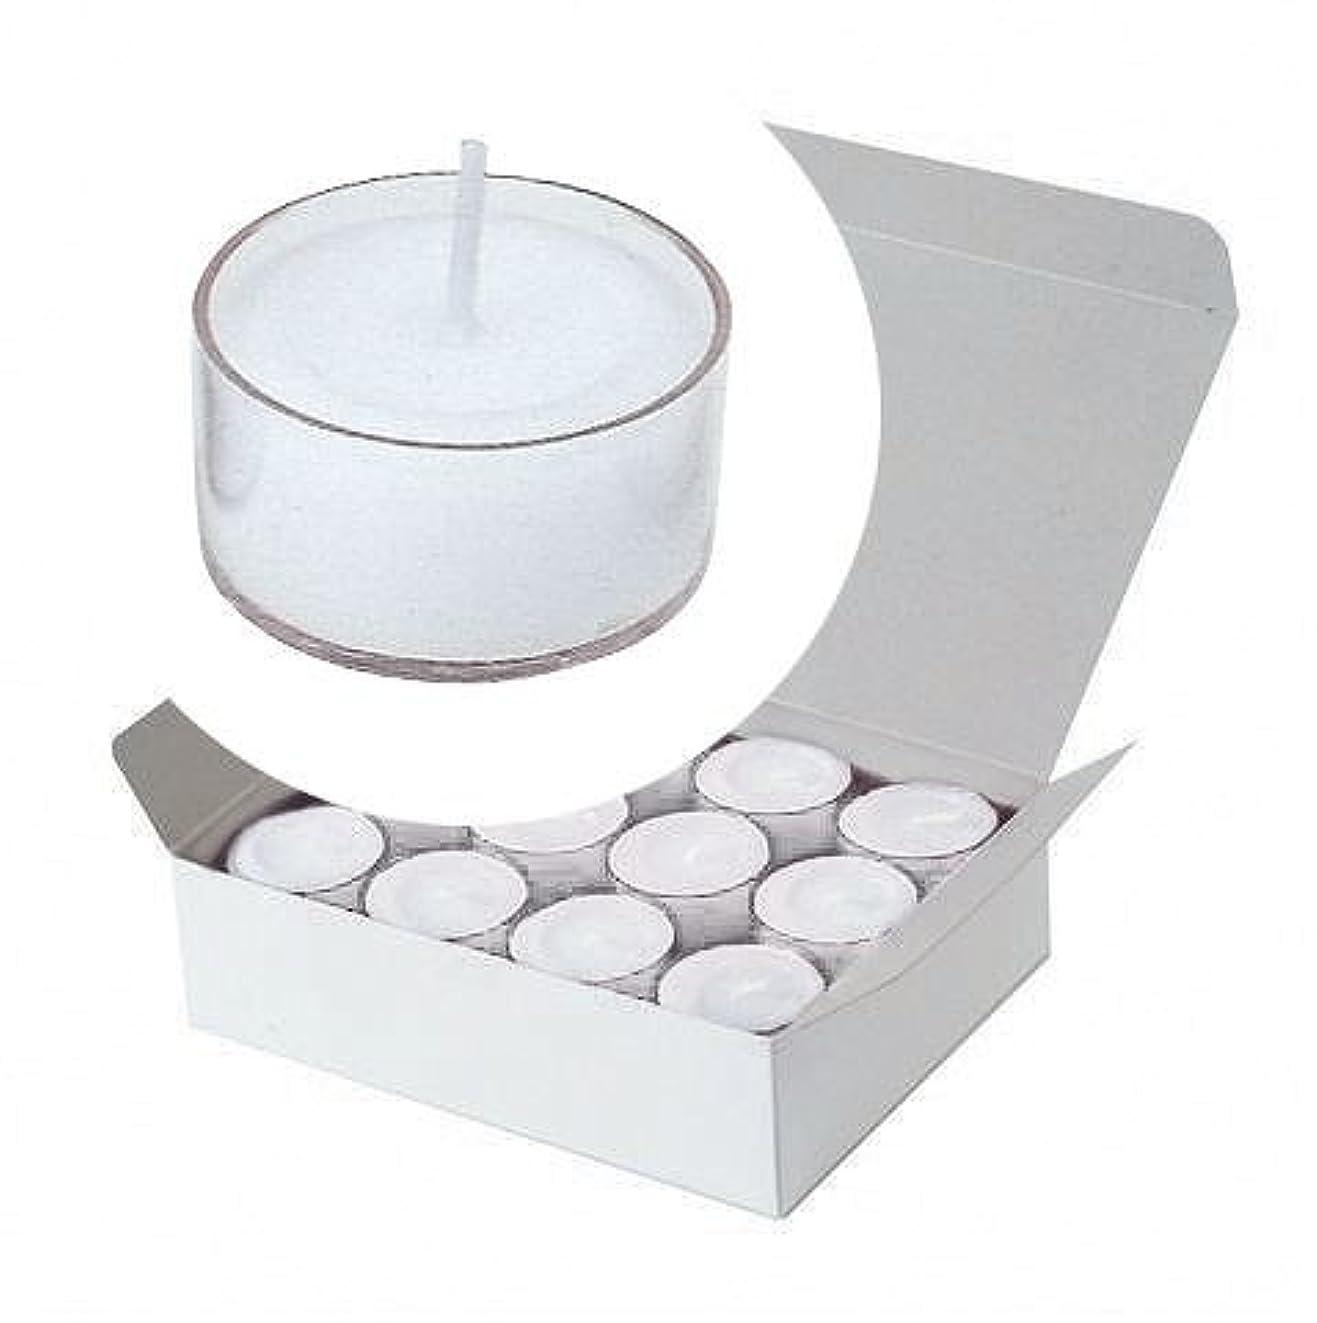 受賞パンダ受け入れカメヤマキャンドル(kameyama candle) クリアカップティーライト24個入り 「 クリア 」